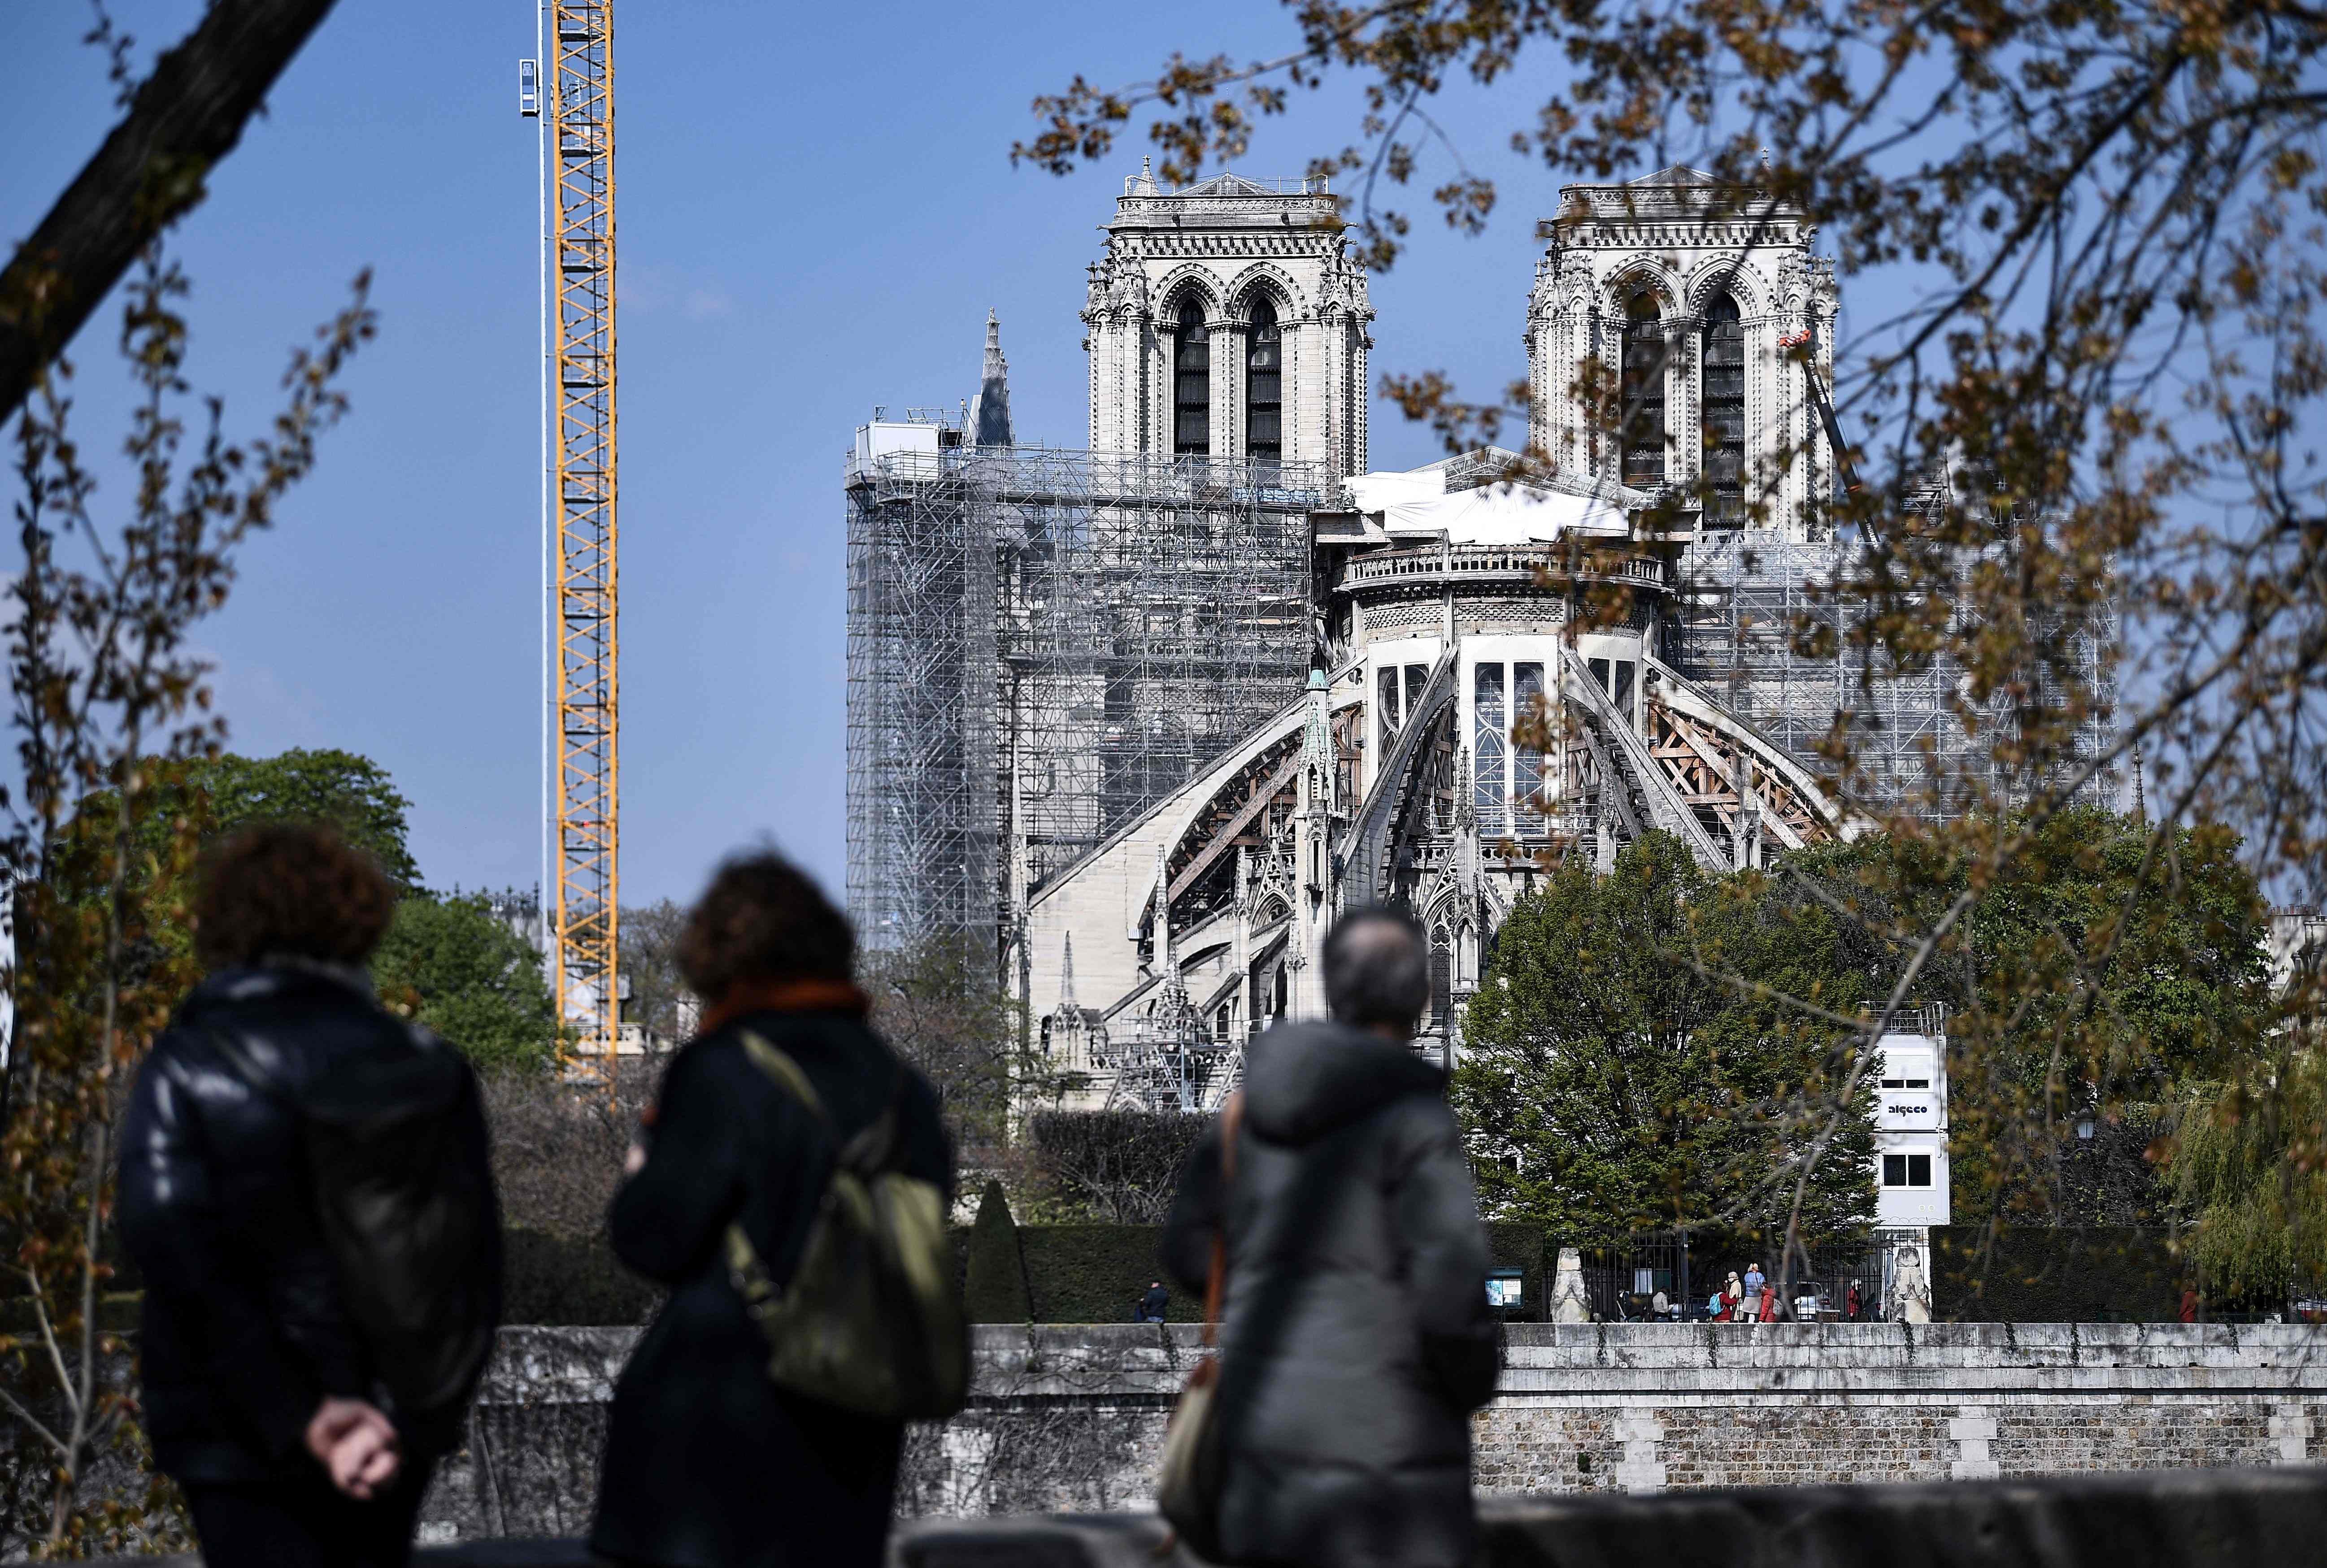 Notre-Dame de Paris, dévastée par un incendie, rouvrira en 2024